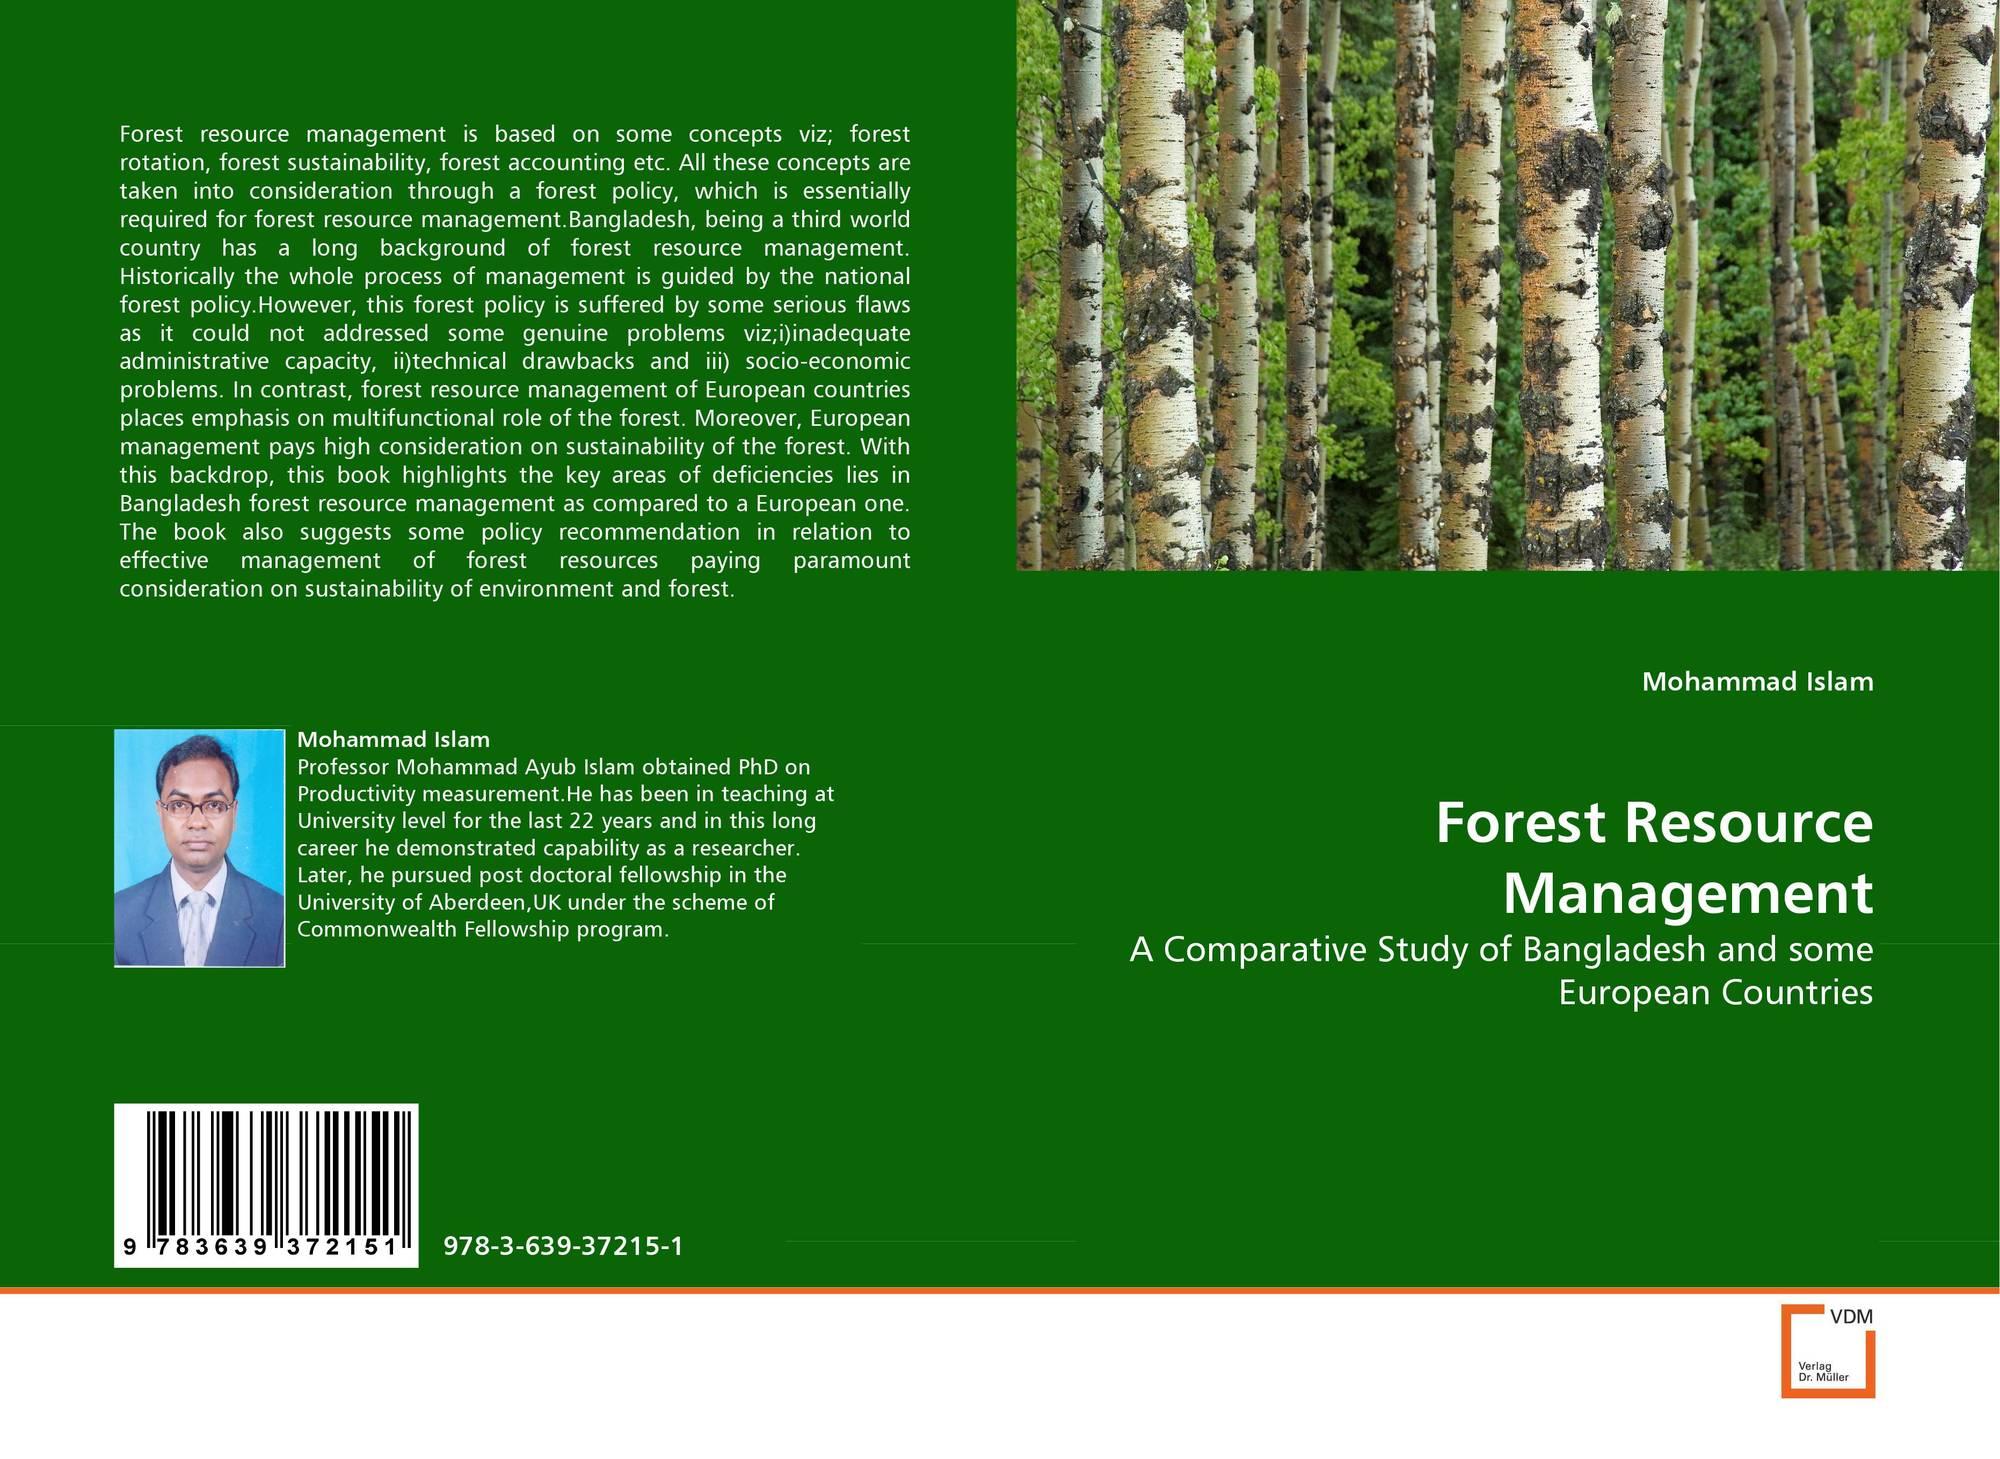 Forest Resource Management : Vdm verlag dr müller products page